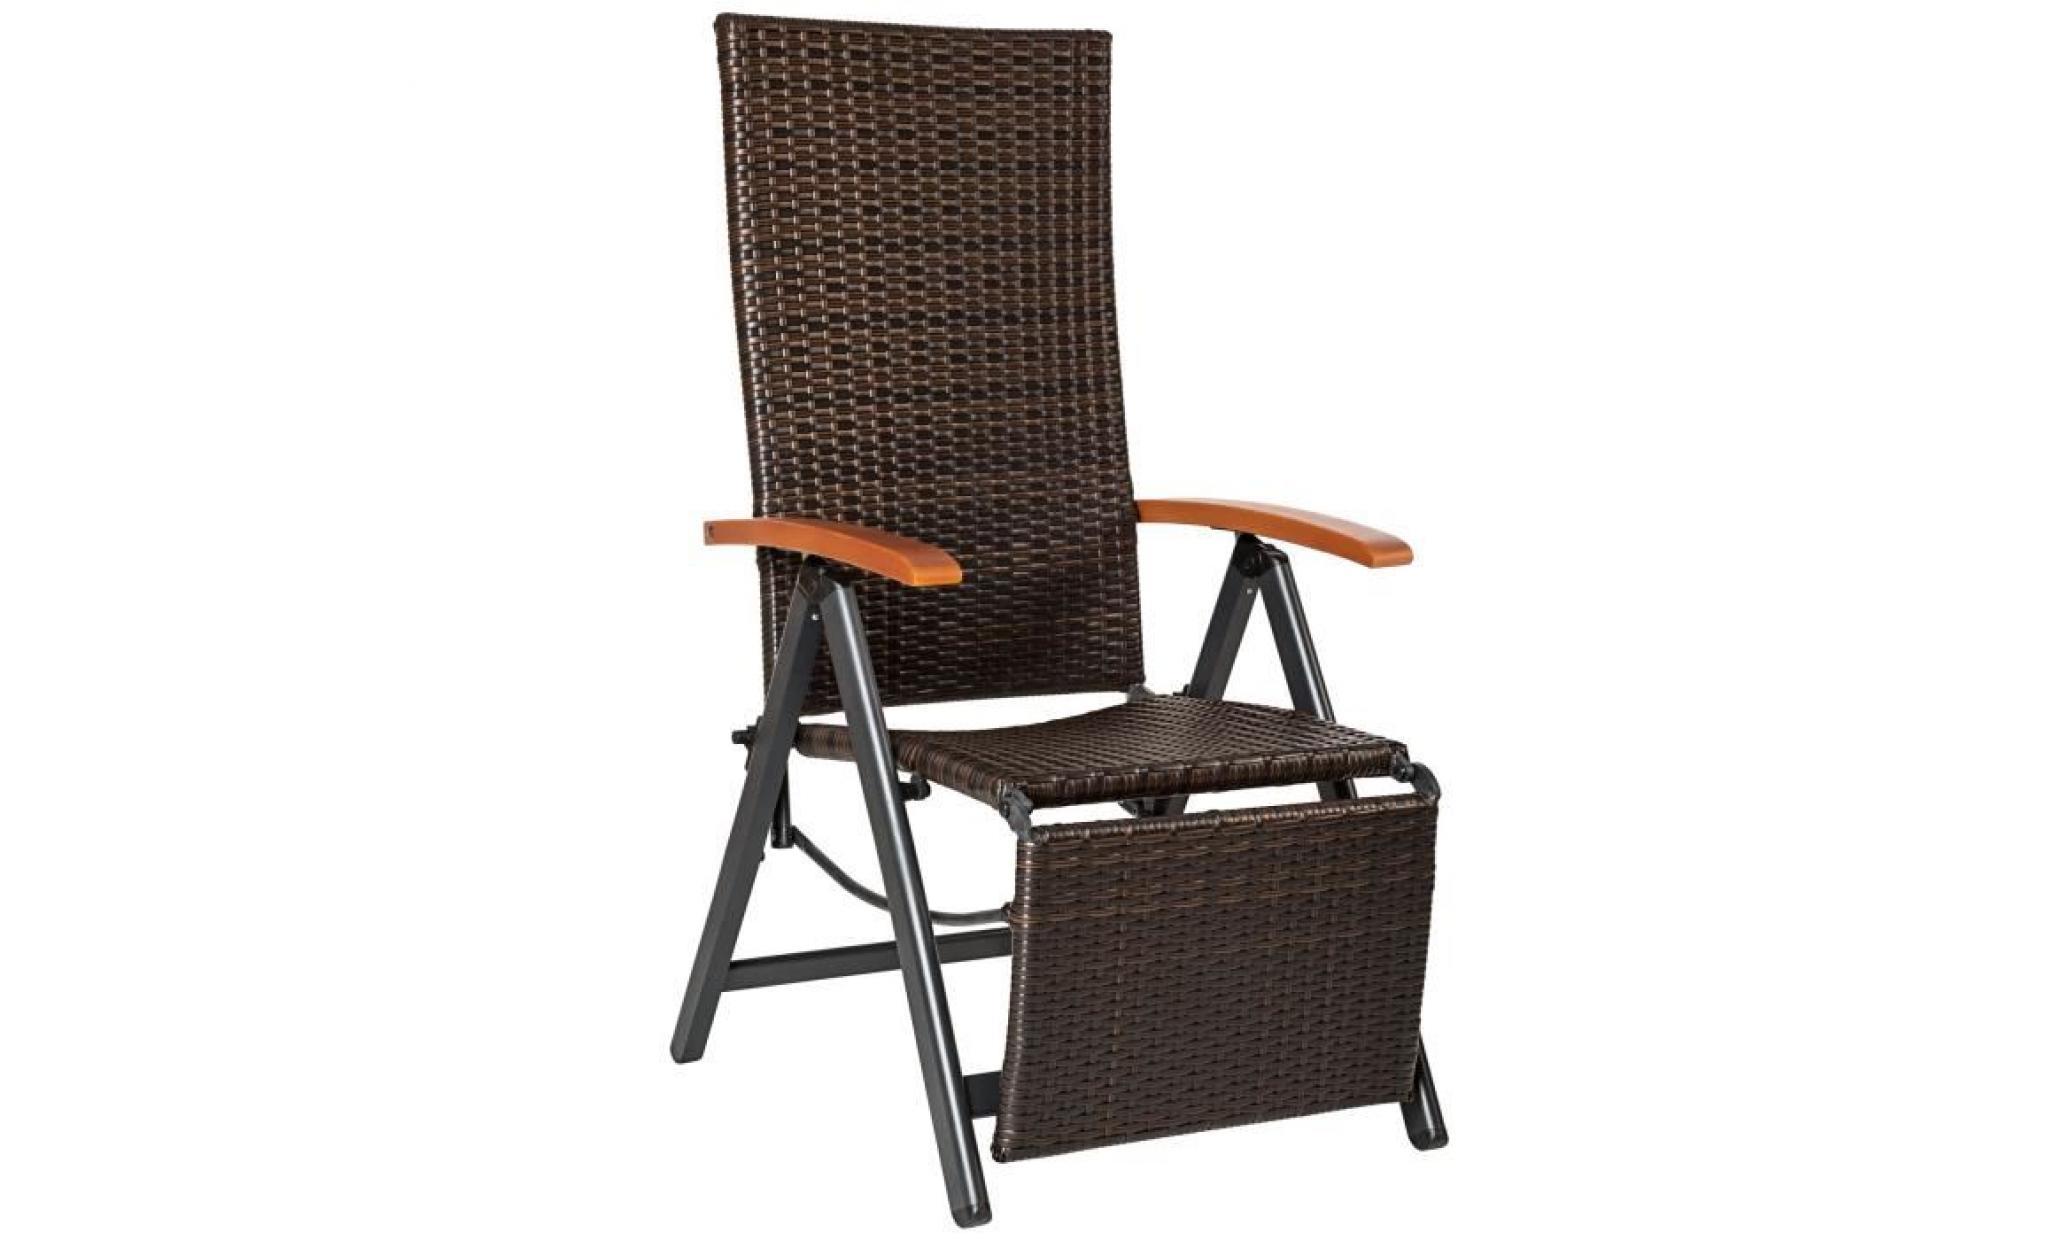 tectake fauteuil chaise longue de relaxation réglable pliant avec 1 repose pieds en résine tressée 69 cm x 58 cm x 113 cm marron